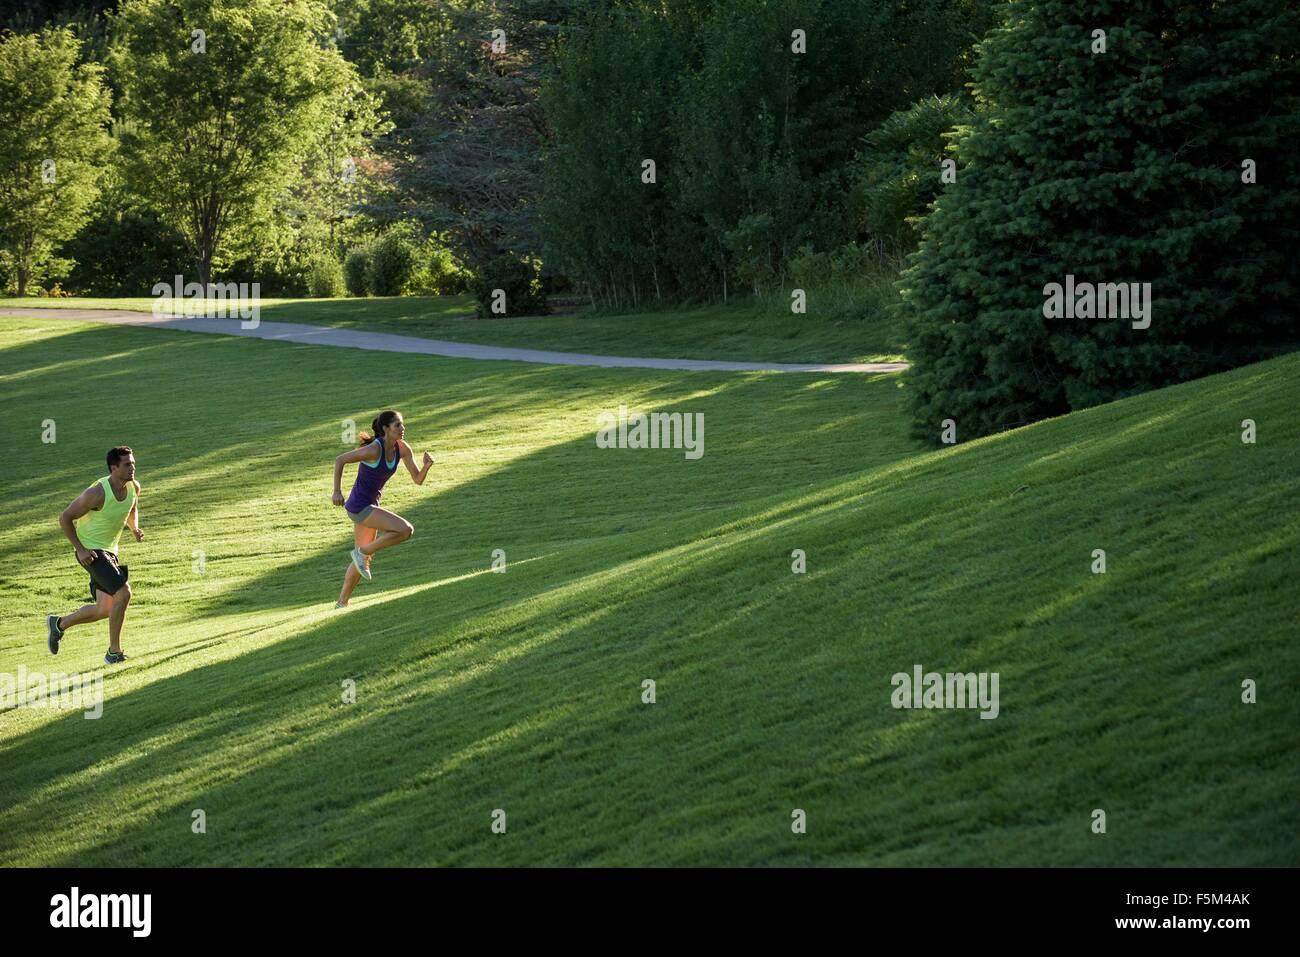 Junger Mann und Frau tun Trainingsläufe auf Hügel im park Stockbild